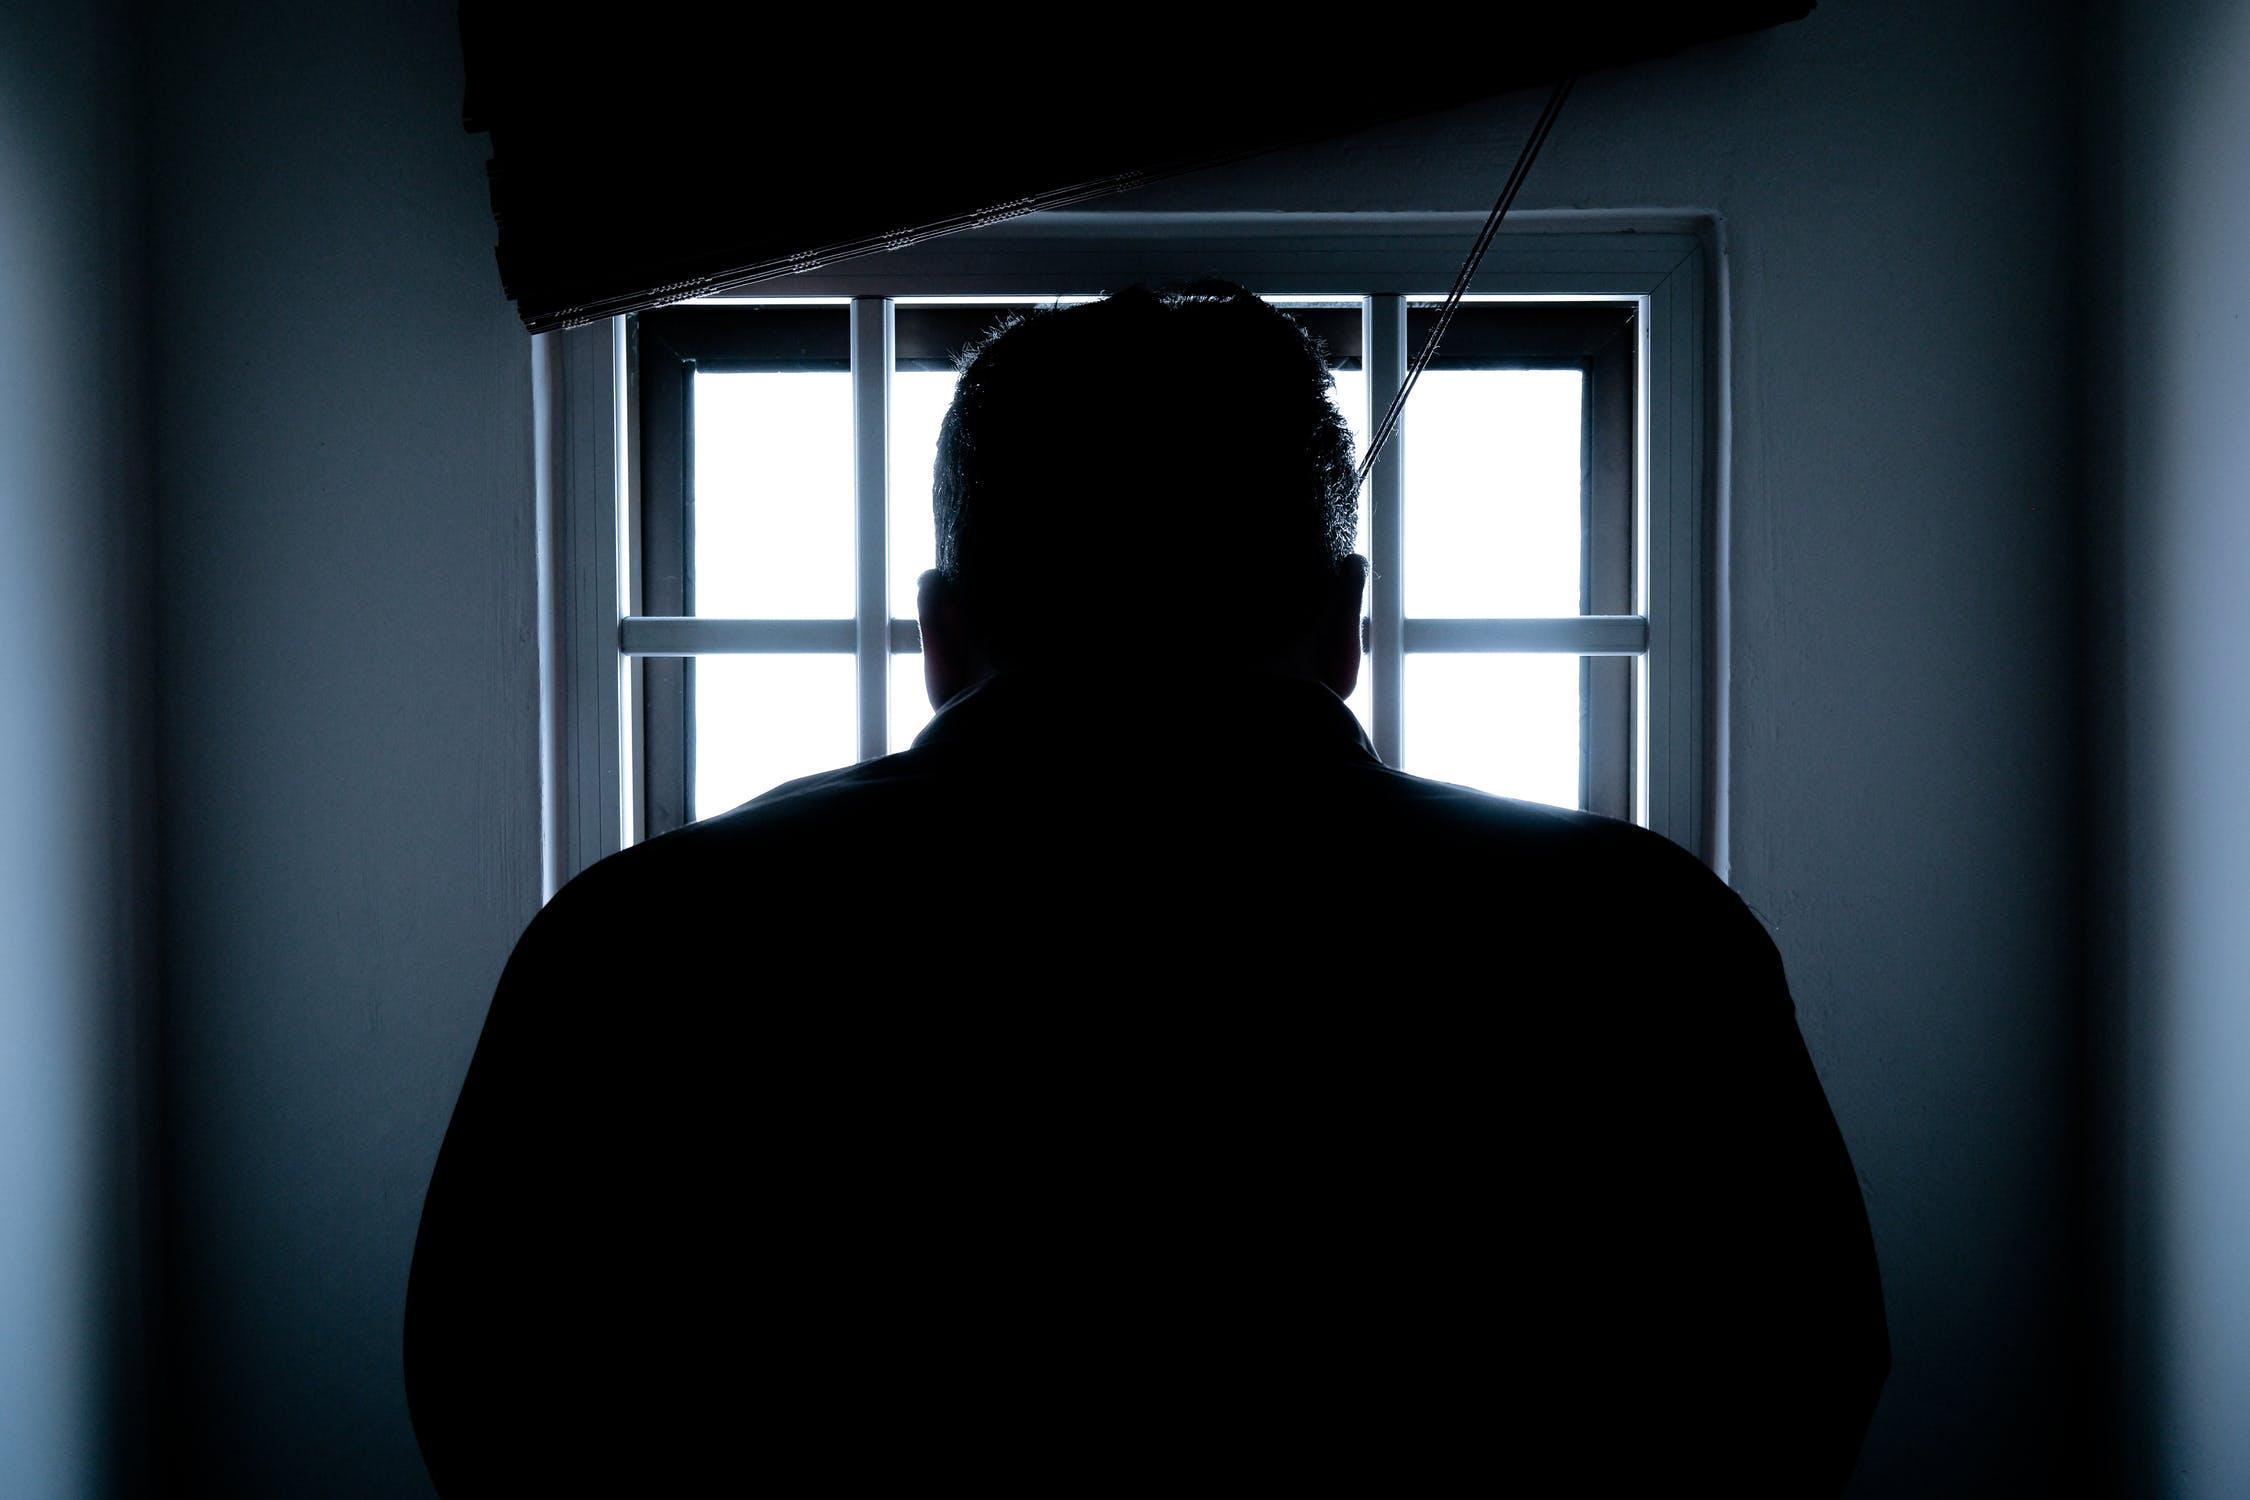 L'opérateur BTC-e Alexander Vinnik condamné à 5 ans de prison par un tribunal français